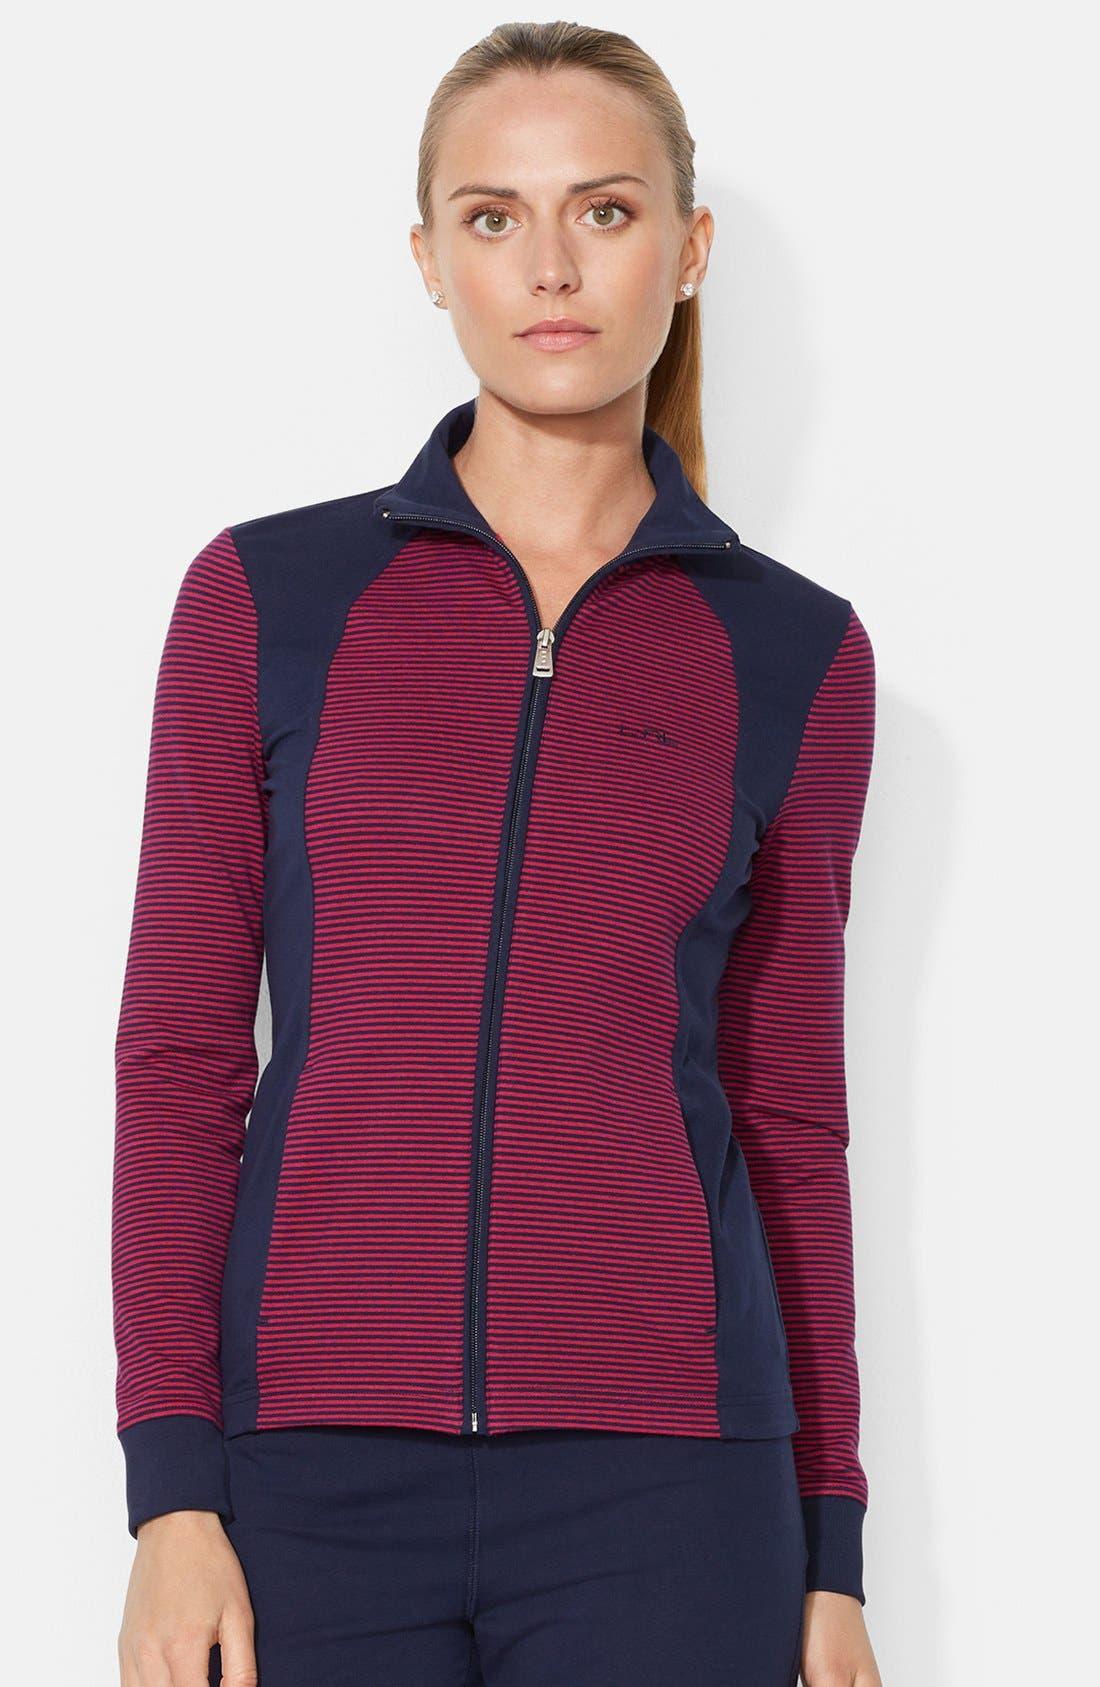 Alternate Image 1 Selected - Lauren Ralph Lauren Mock Neck Front Zip Jacket (Petite)